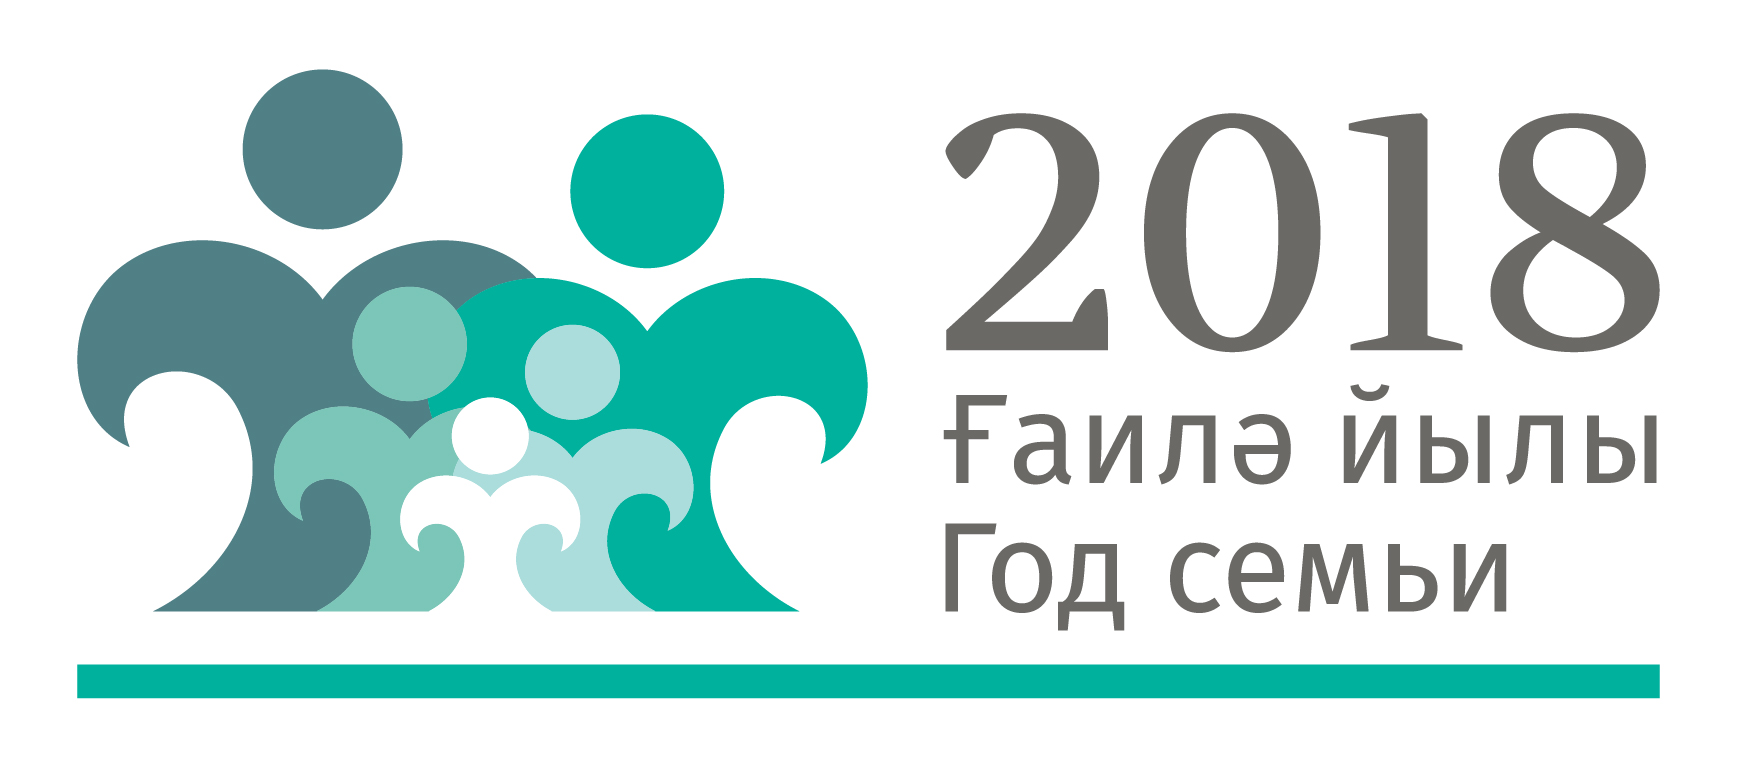 Год семьи в Республике Башкортостан